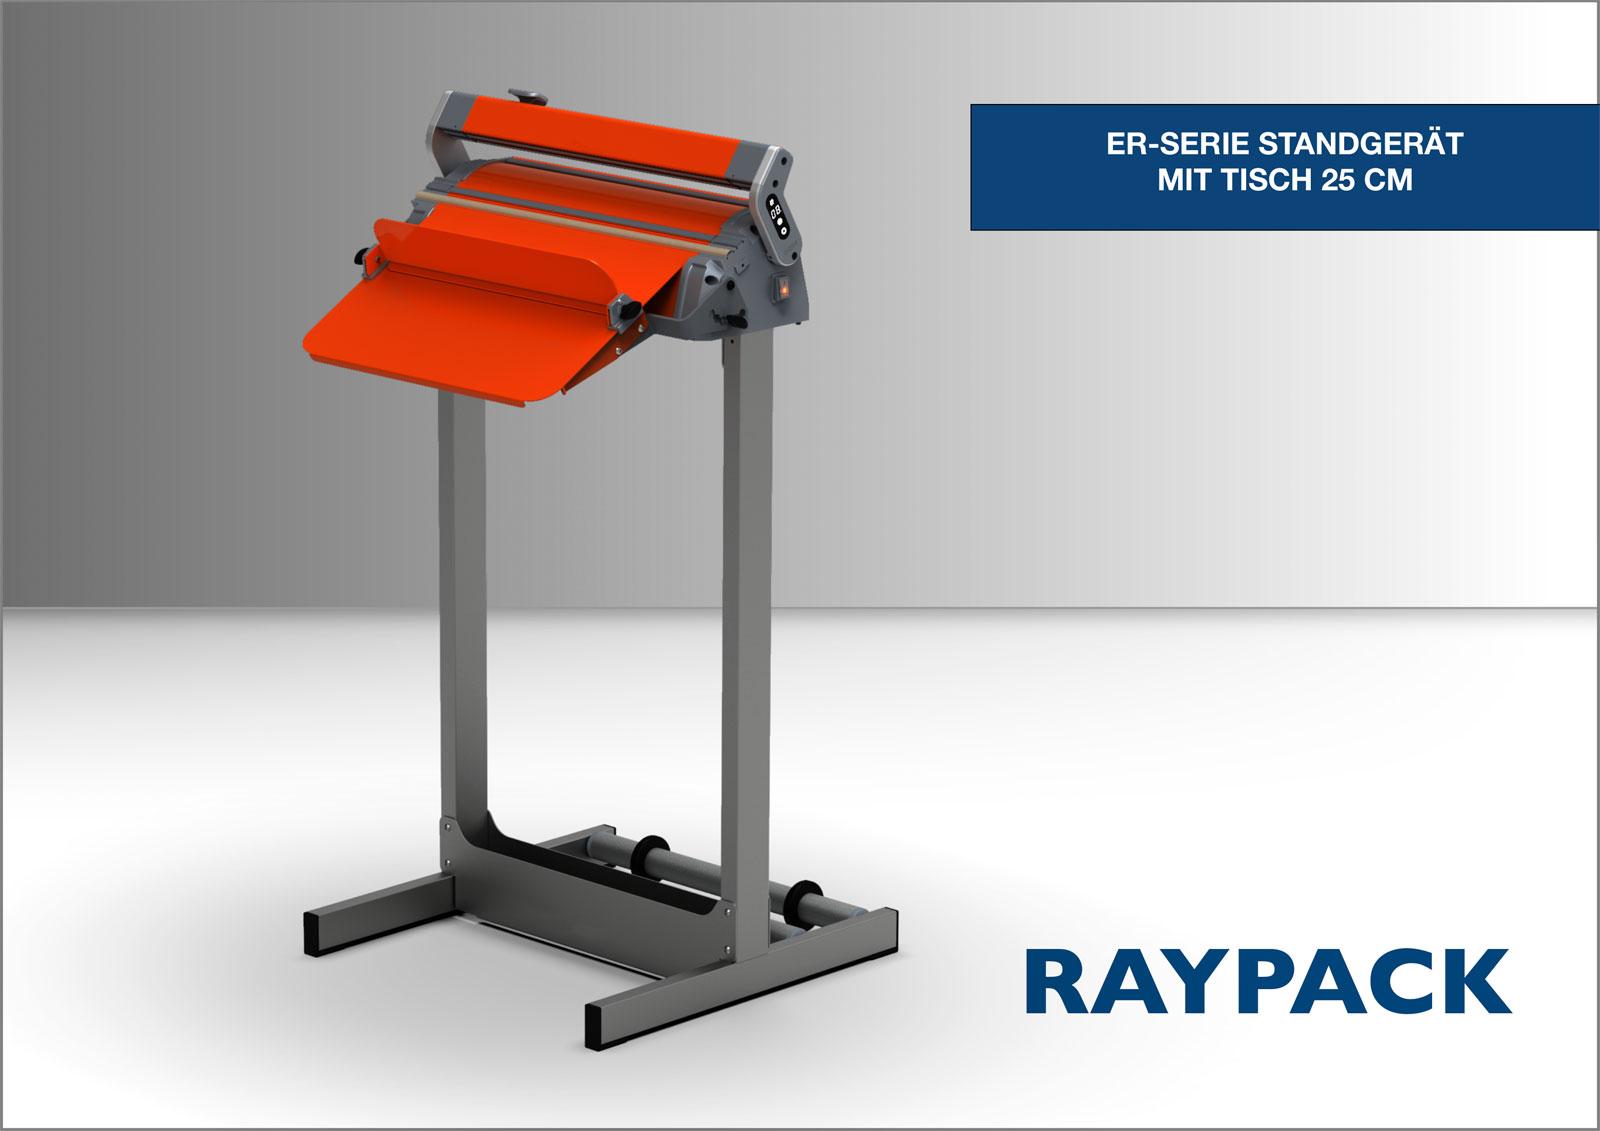 25 cm Tisch ER-Serie Standgerät